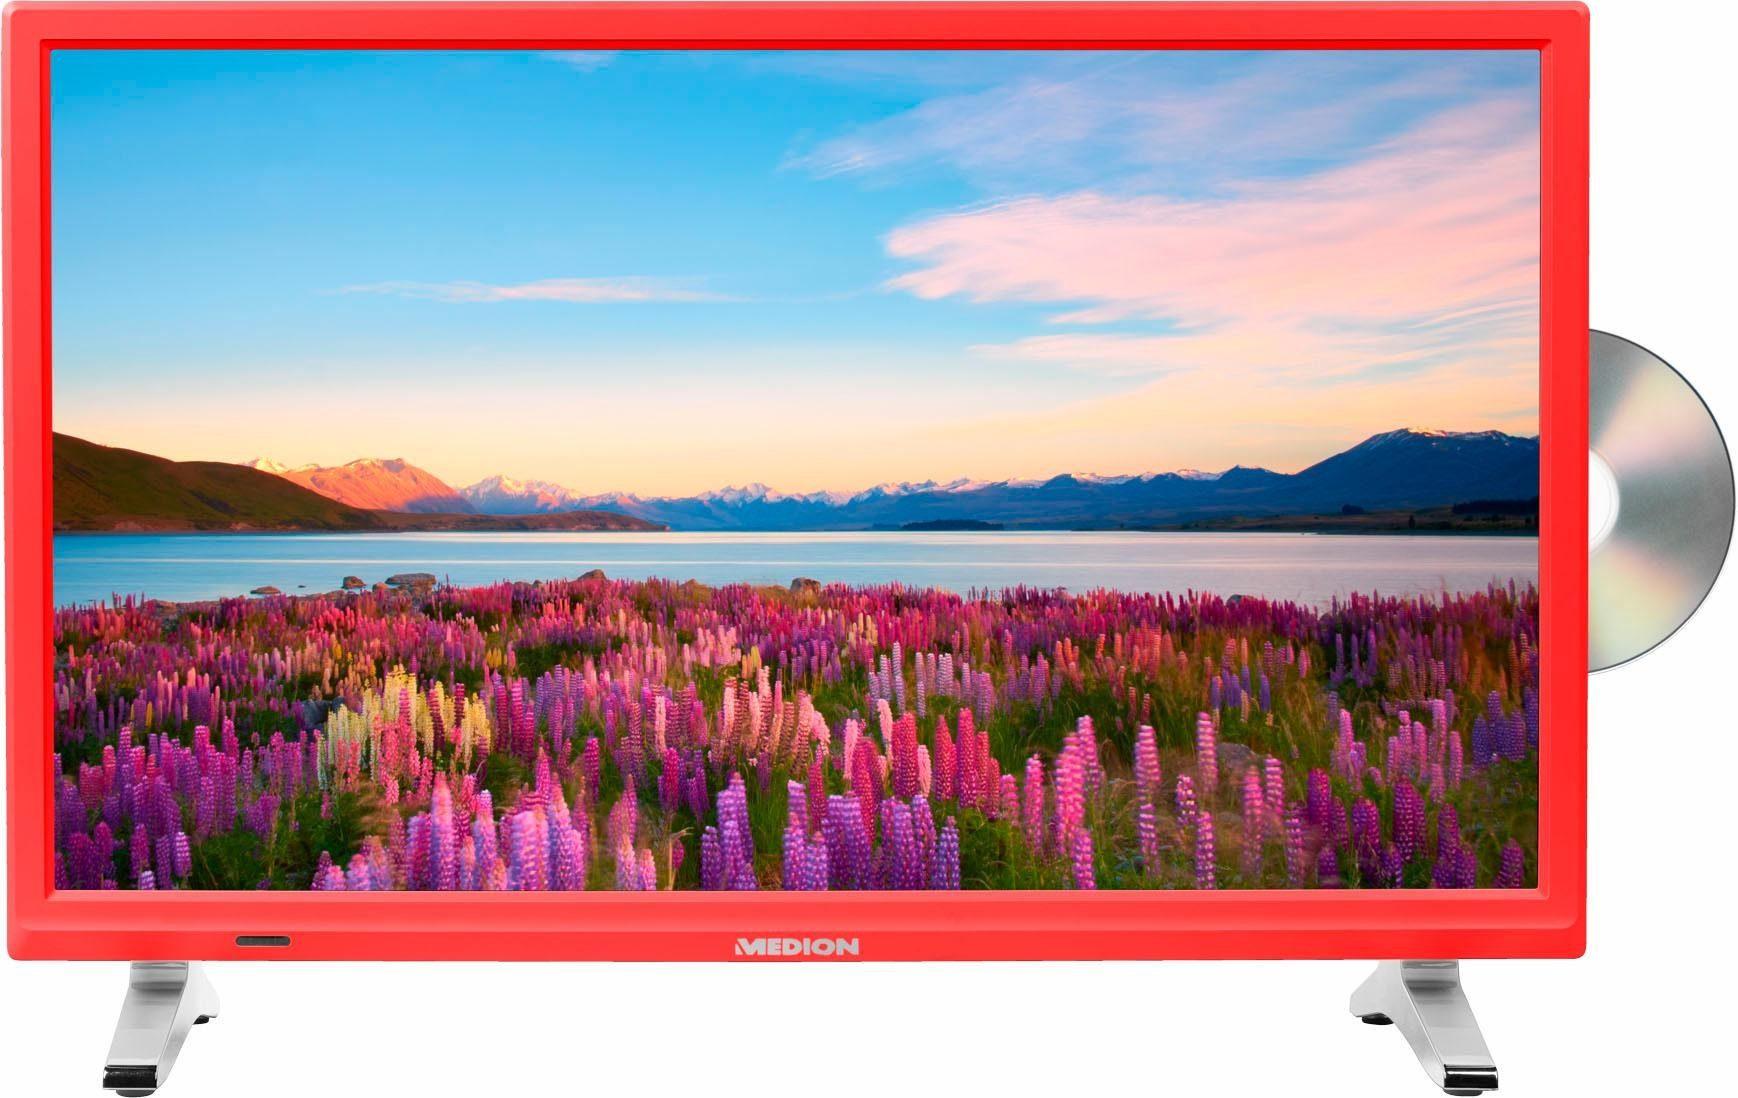 Medion® P12501 (MD 21501) LED-Fernseher (54,6 cm/21,5 Zoll, Full HD)